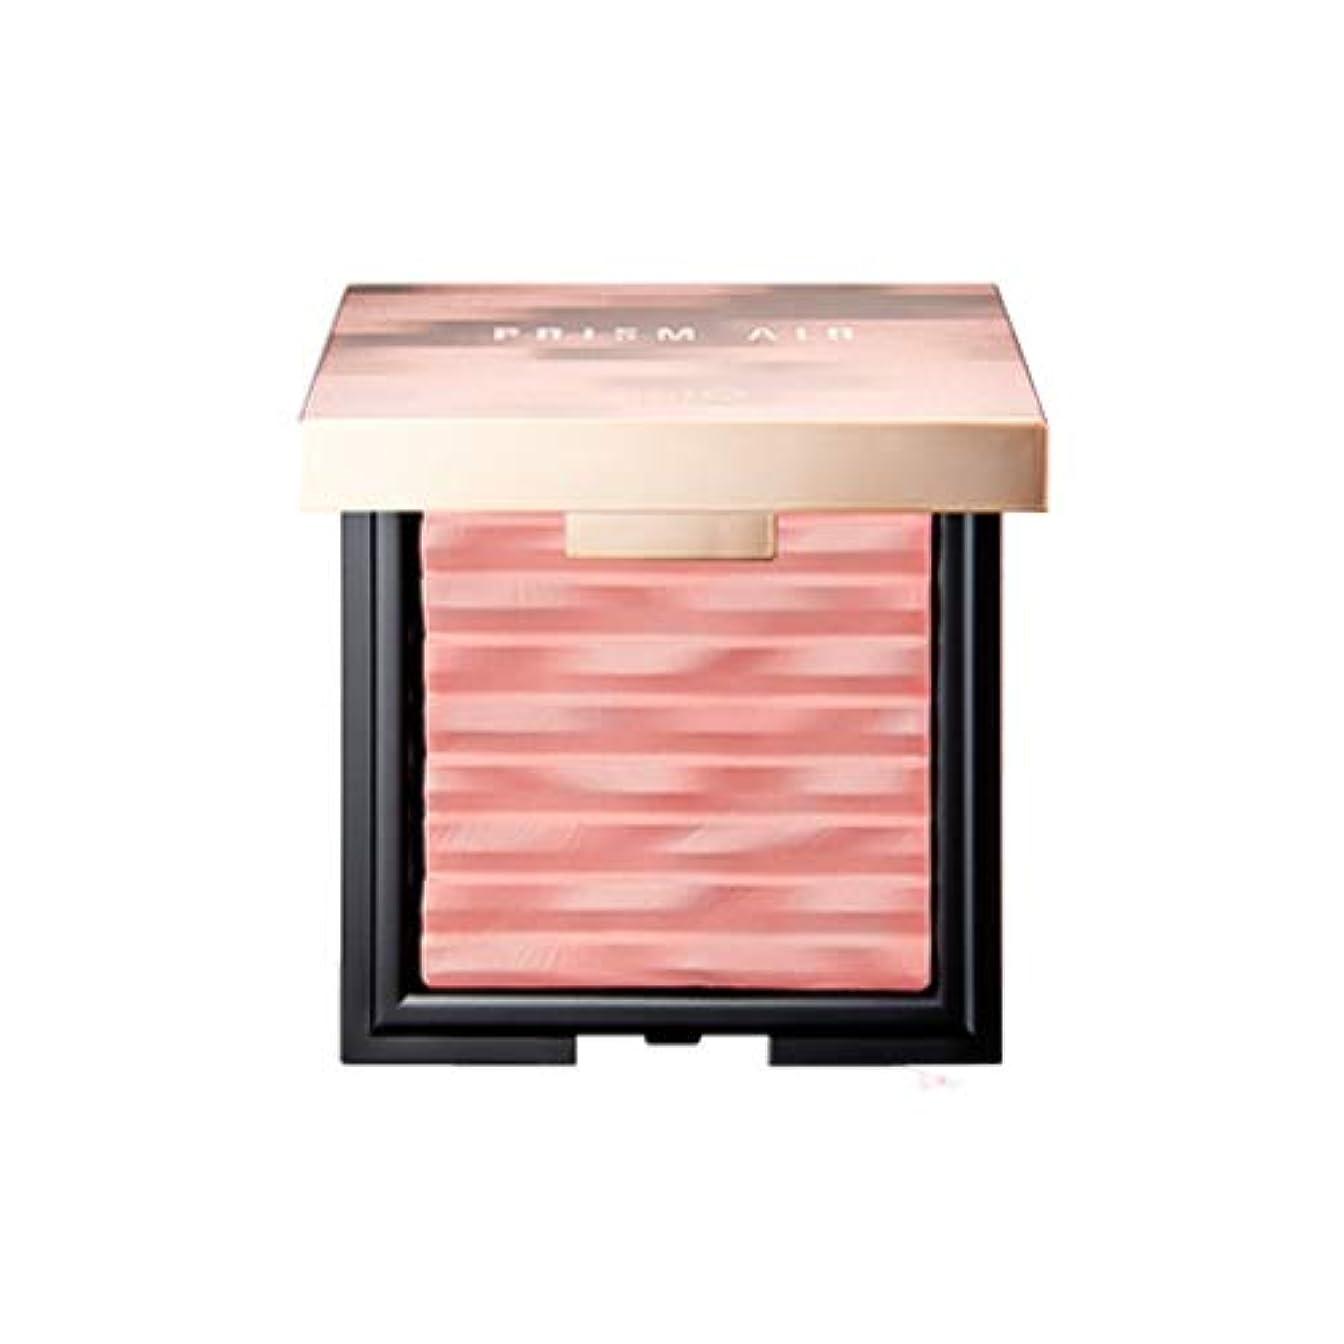 警戒信仰シニスClio Prism Air Blusher クリオプリズムエアブラッシャー (#01 Muted Pink) 並行輸入品 [並行輸入品]